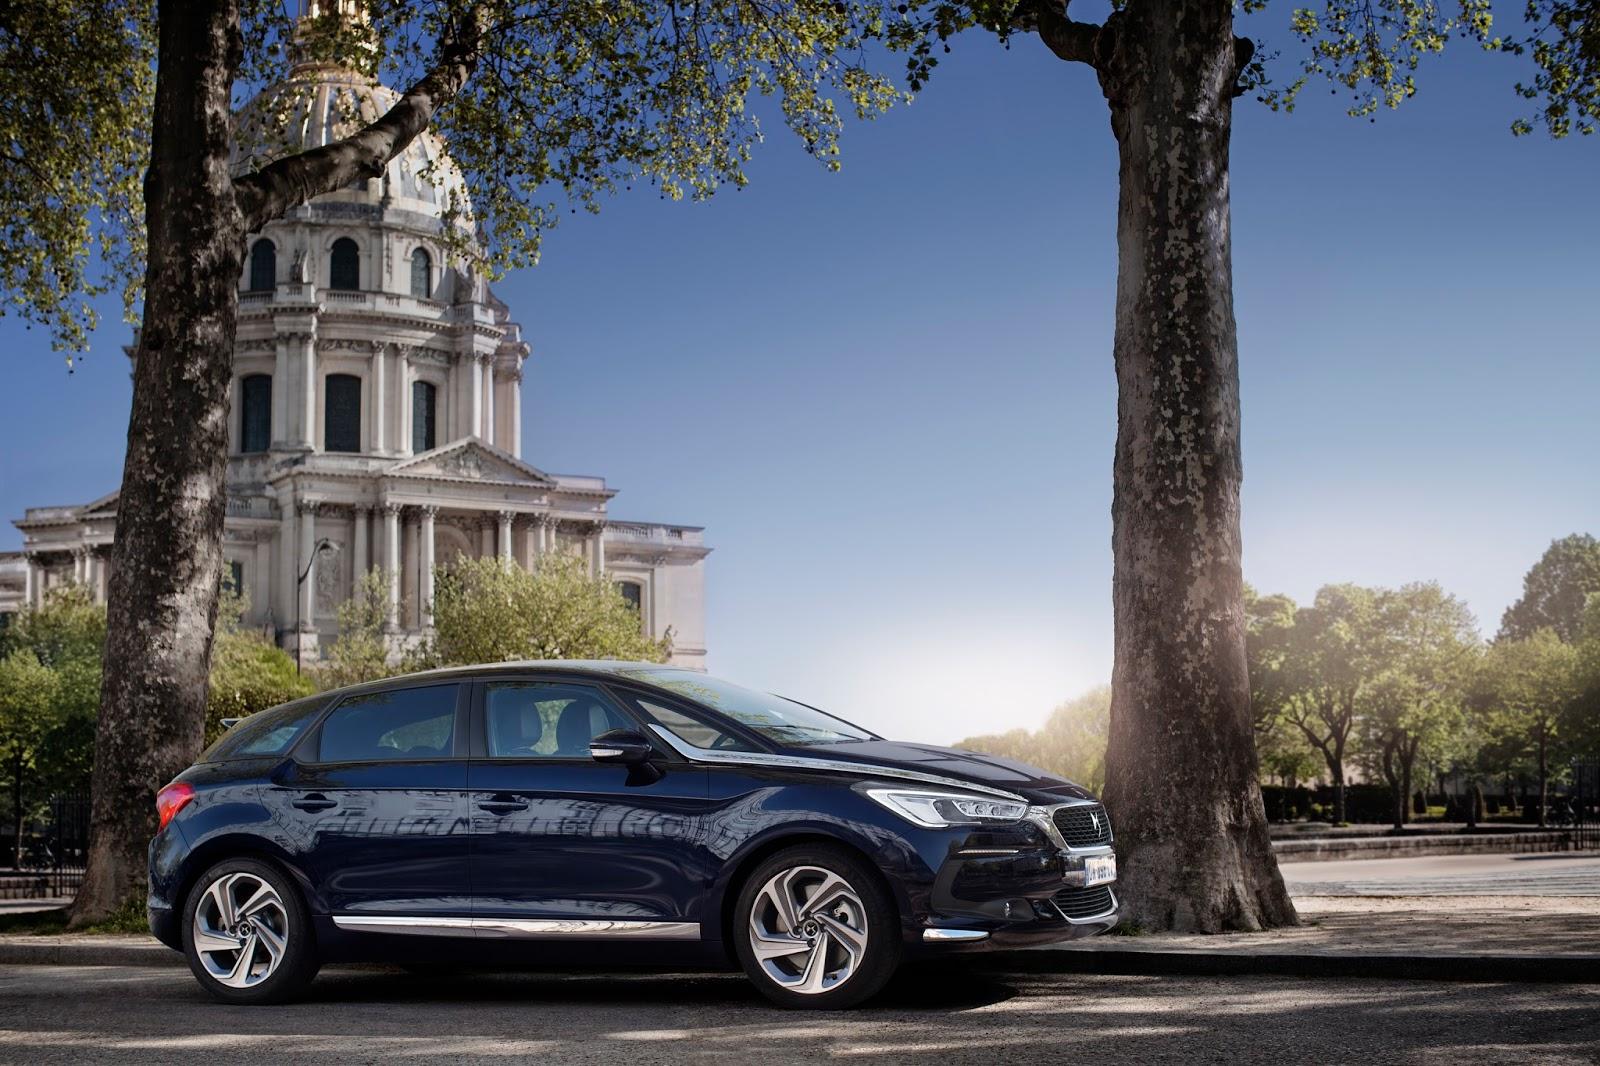 CL%2B15.045.002 Στο Σαλόνι Αυτοκινήτου της Γενεύης η παγκόσμια πρεμιέρα για το DS 3 PERFORMANCE & DS 3 Cabrio PERFORMANCE των 208 ίππων ds 3, DS 3 PERFORMANCE, DS 4, DS 4 Crossback, DS 5, DS Automobiles, Virtual Garage, Σαλόνι Αυτοκινήτου, Σαλόνι Αυτοκινήτου της Γενεύης